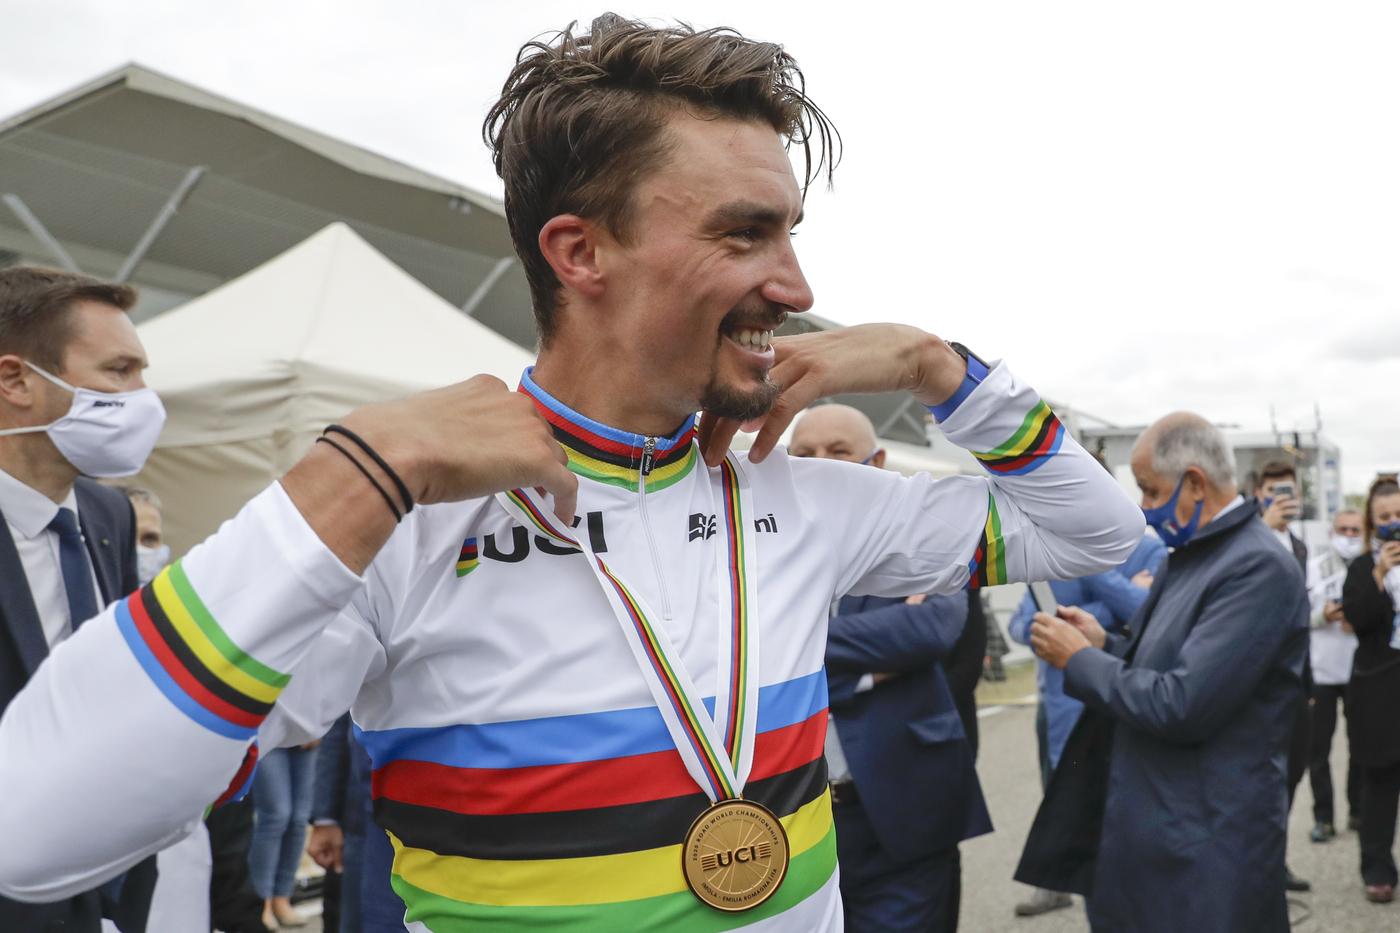 """Ciclismo, Julian Alaphilippe: """"L'operazione alla mano è andata bene. Ora devo riposarmi, ma penso già al mio ritorno"""""""